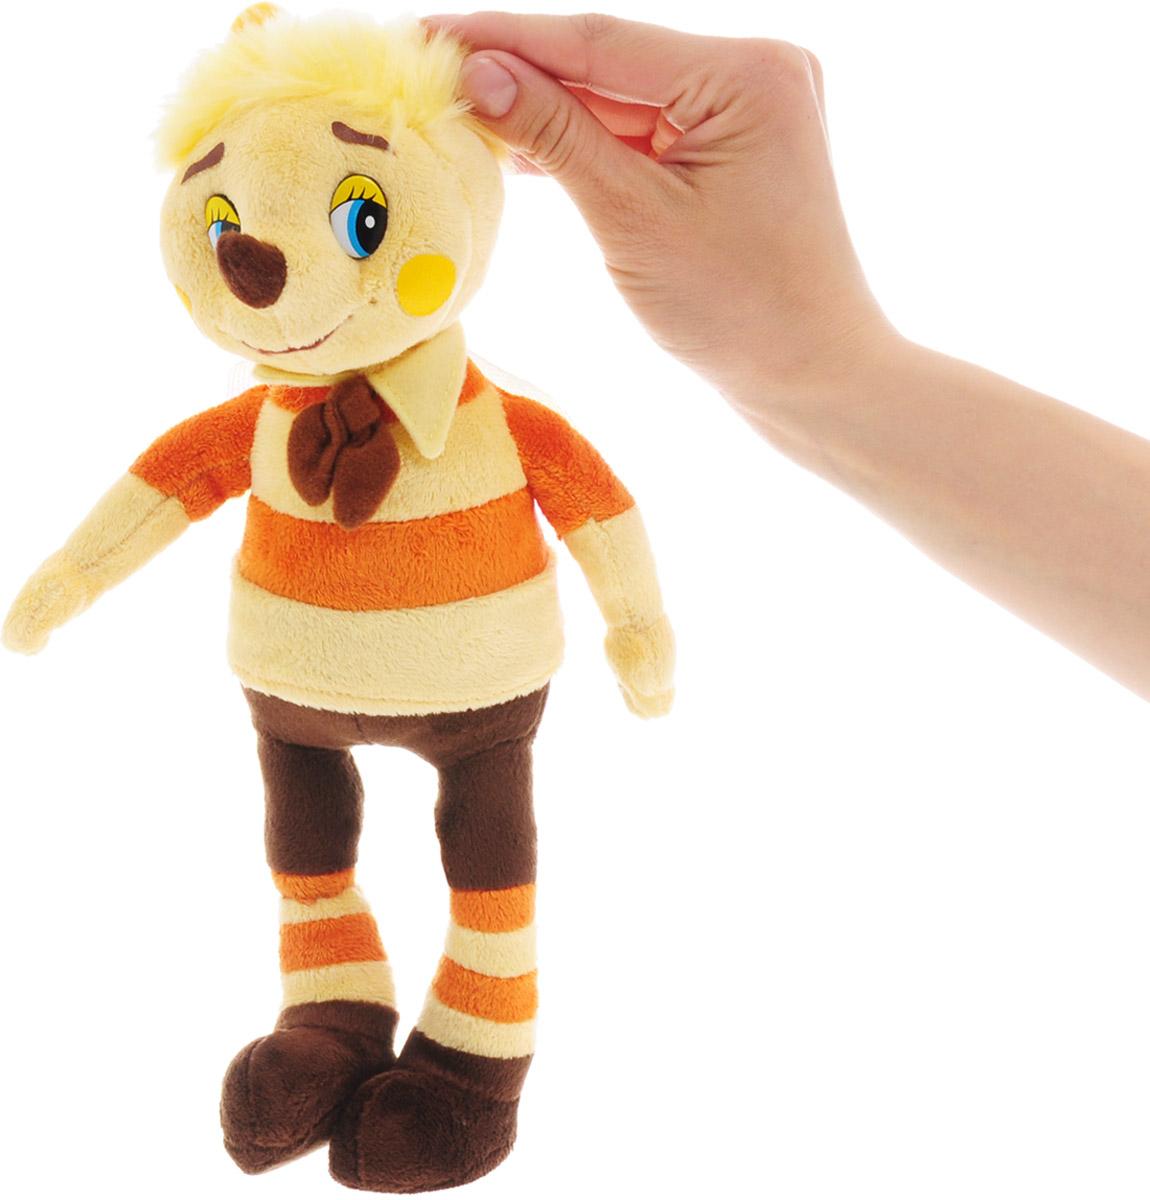 Мягкая говорящая игрушка Пчеленок, 30 см - 3